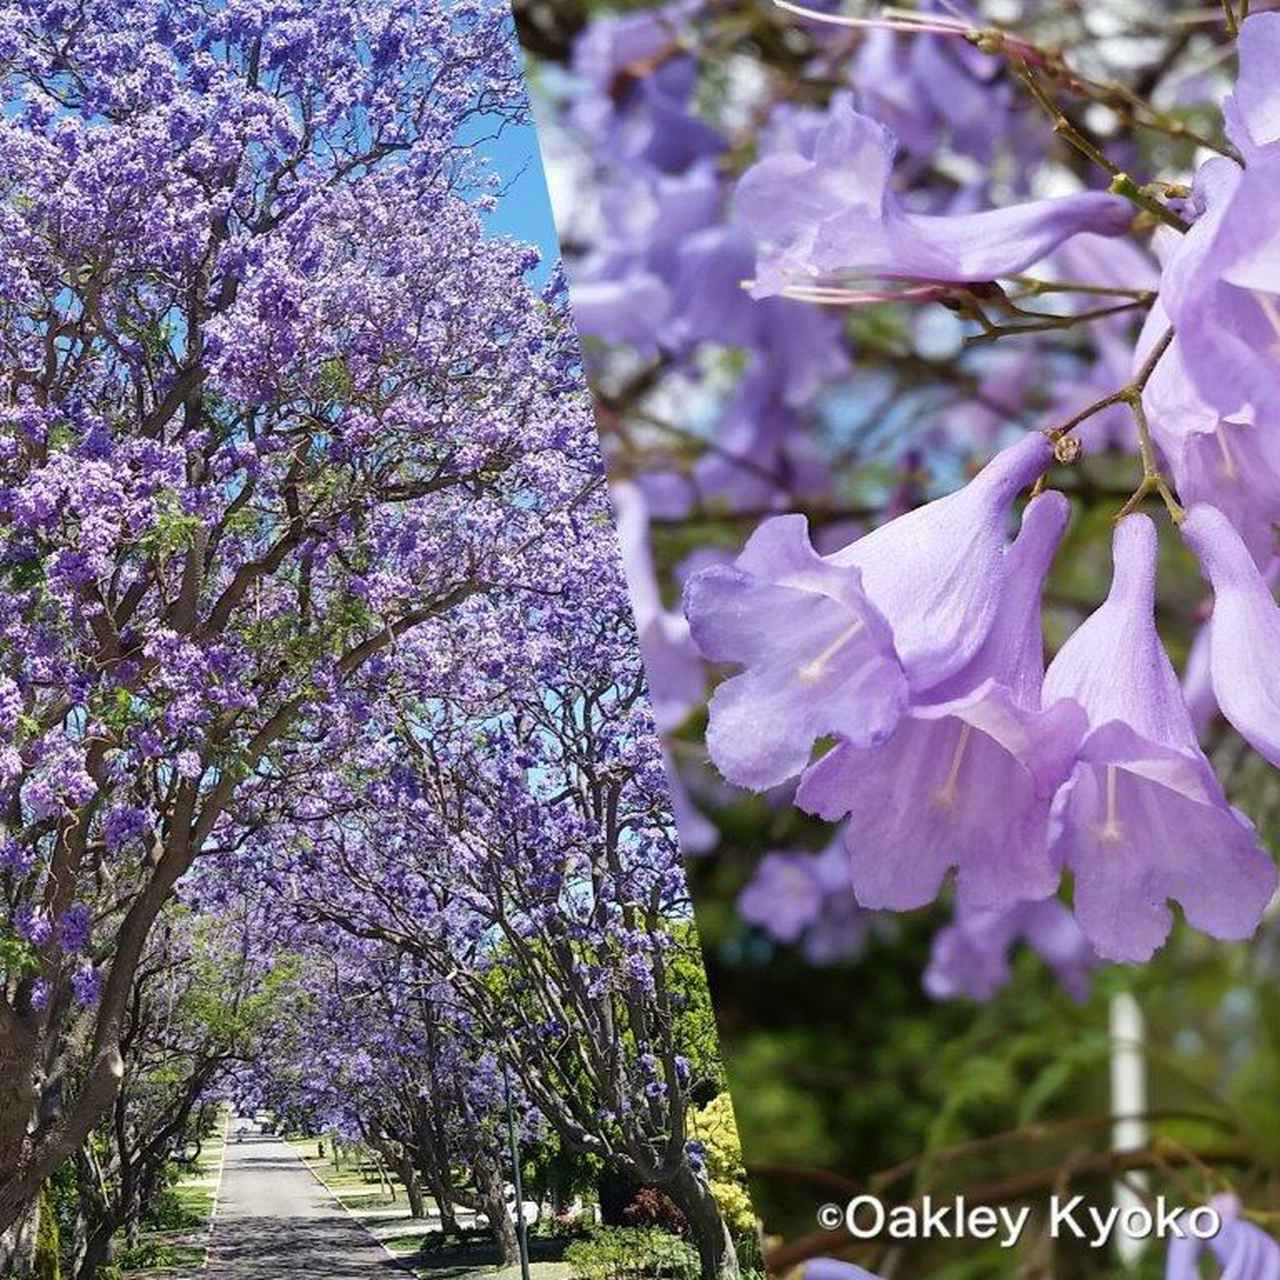 画像: 『紫美しきジャカランダと遅咲きのワイルドフラワーの世界へ パース初夏の旅7日間』 各出発日19名様限定 クラブツーリズム